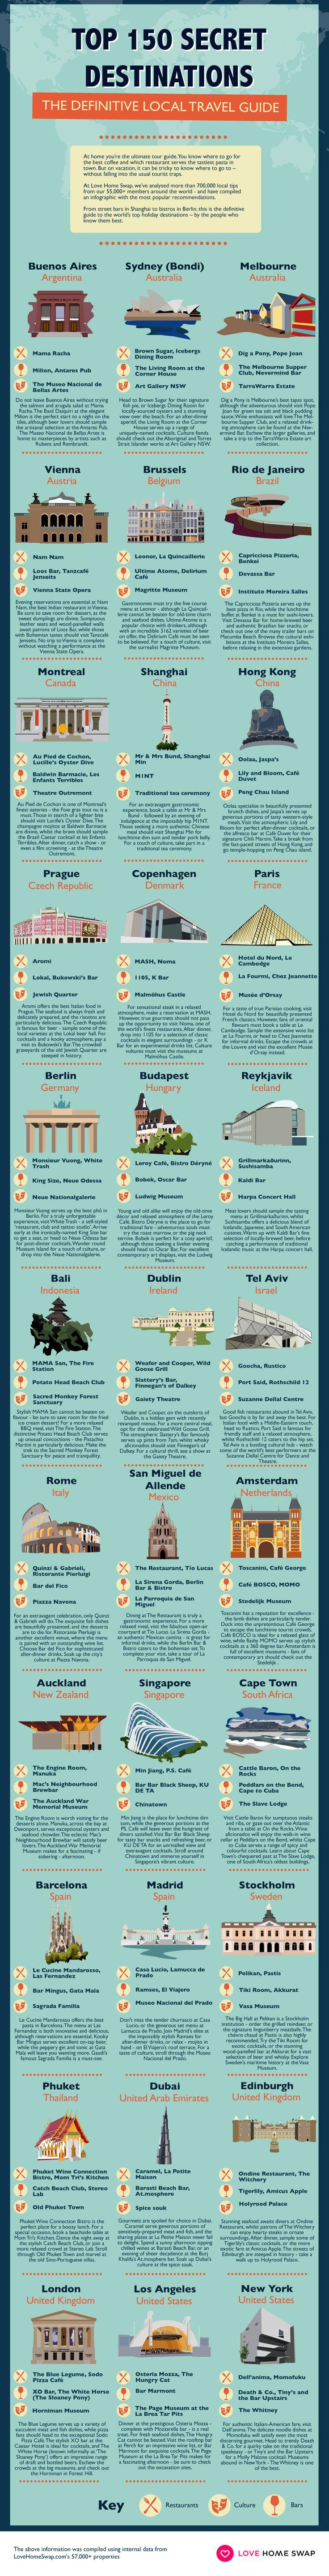 Top 150 Secret Destinations   #infographic #Travel